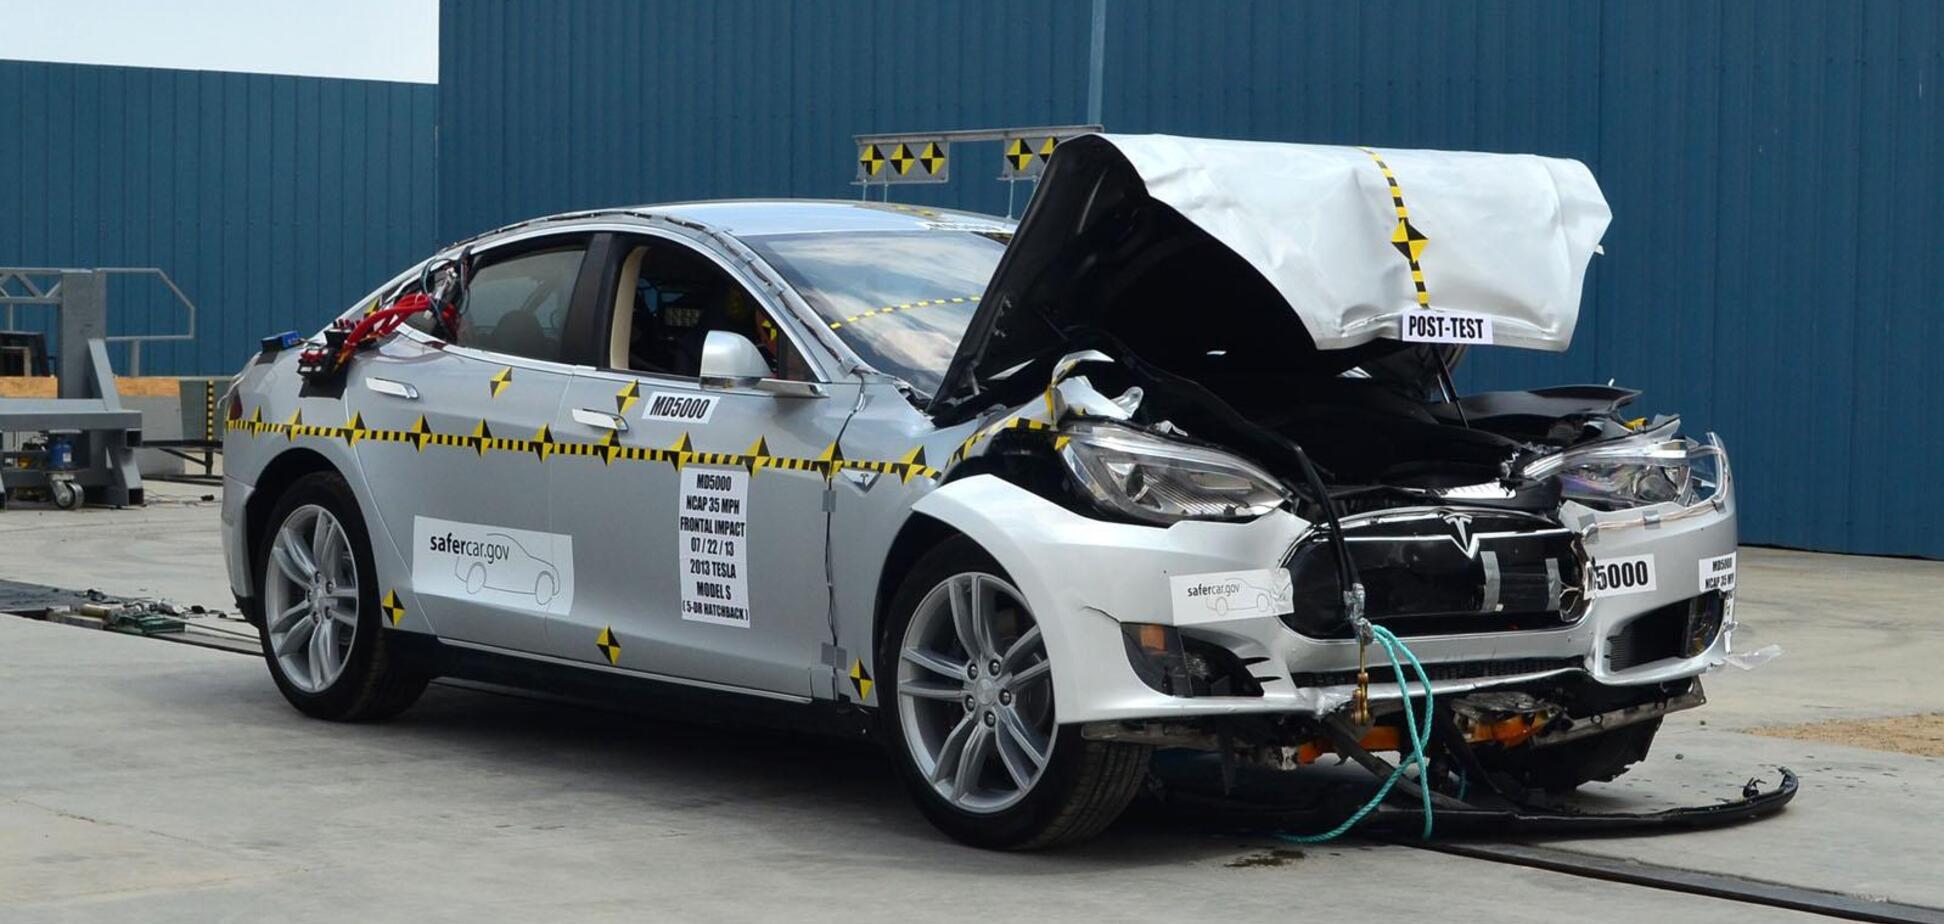 Електромобілі назвали серйозною загрозою для України через токсичність акумуляторів